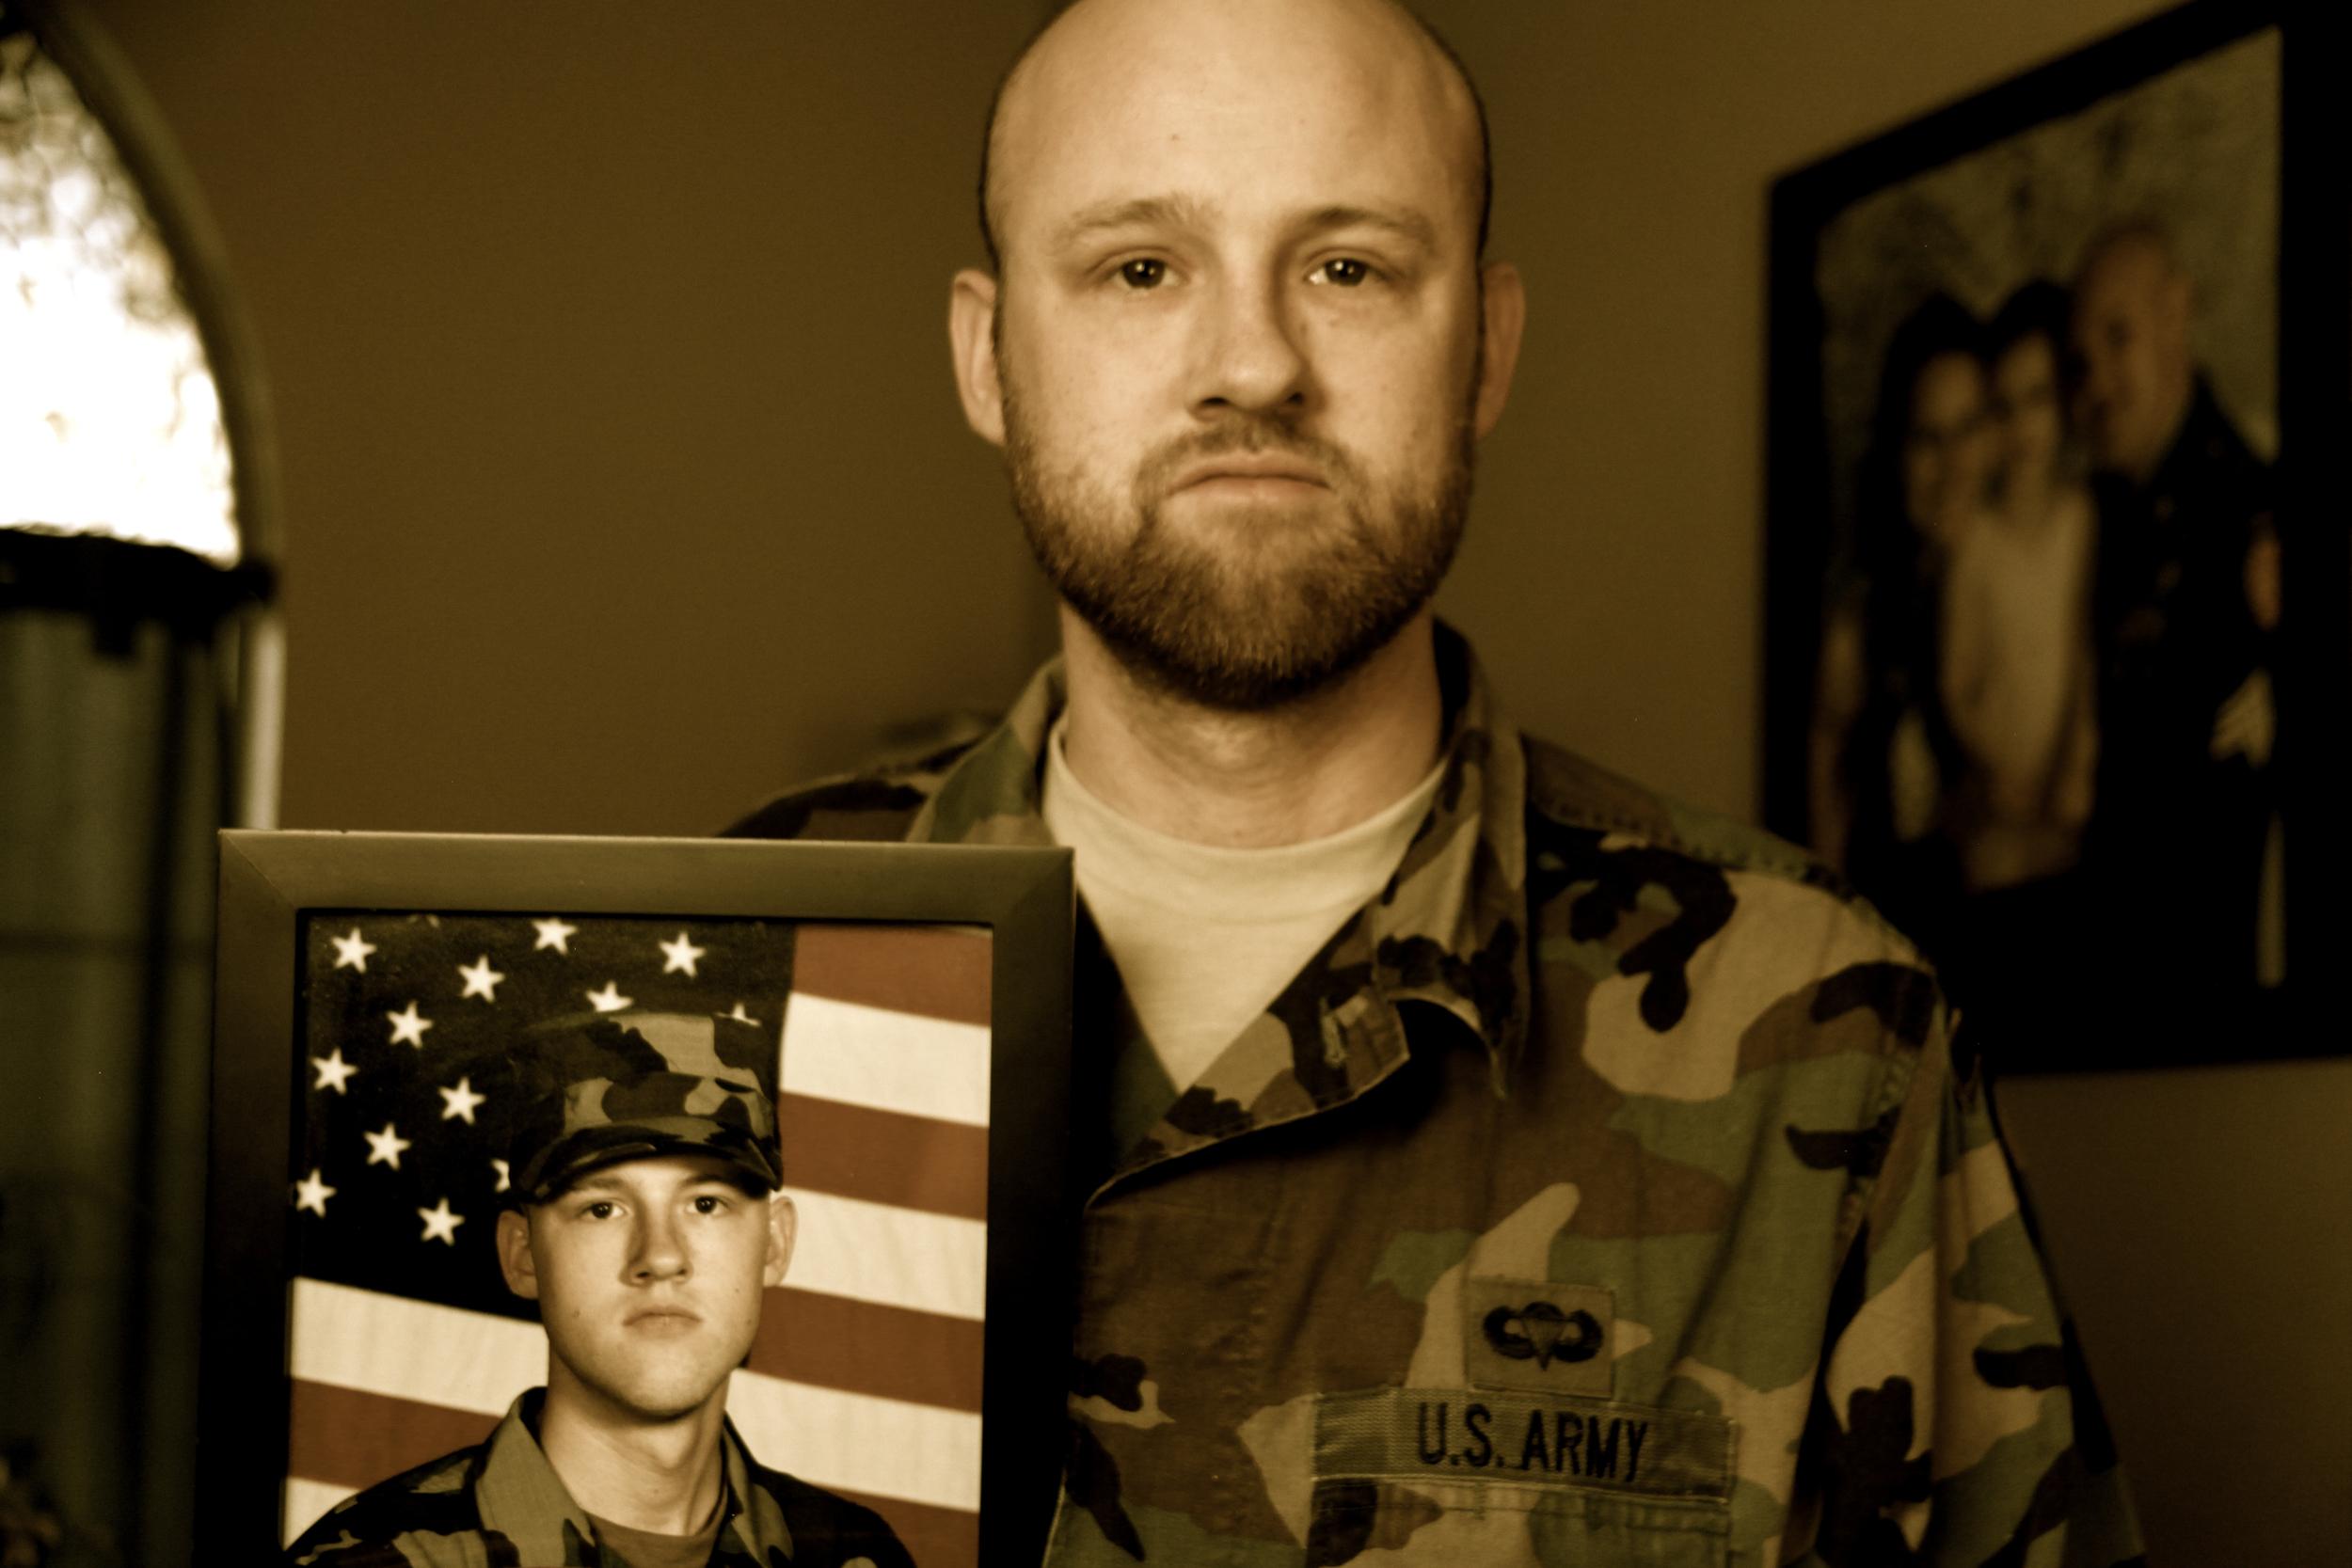 Paul Avett (alias name), US Army Veteran